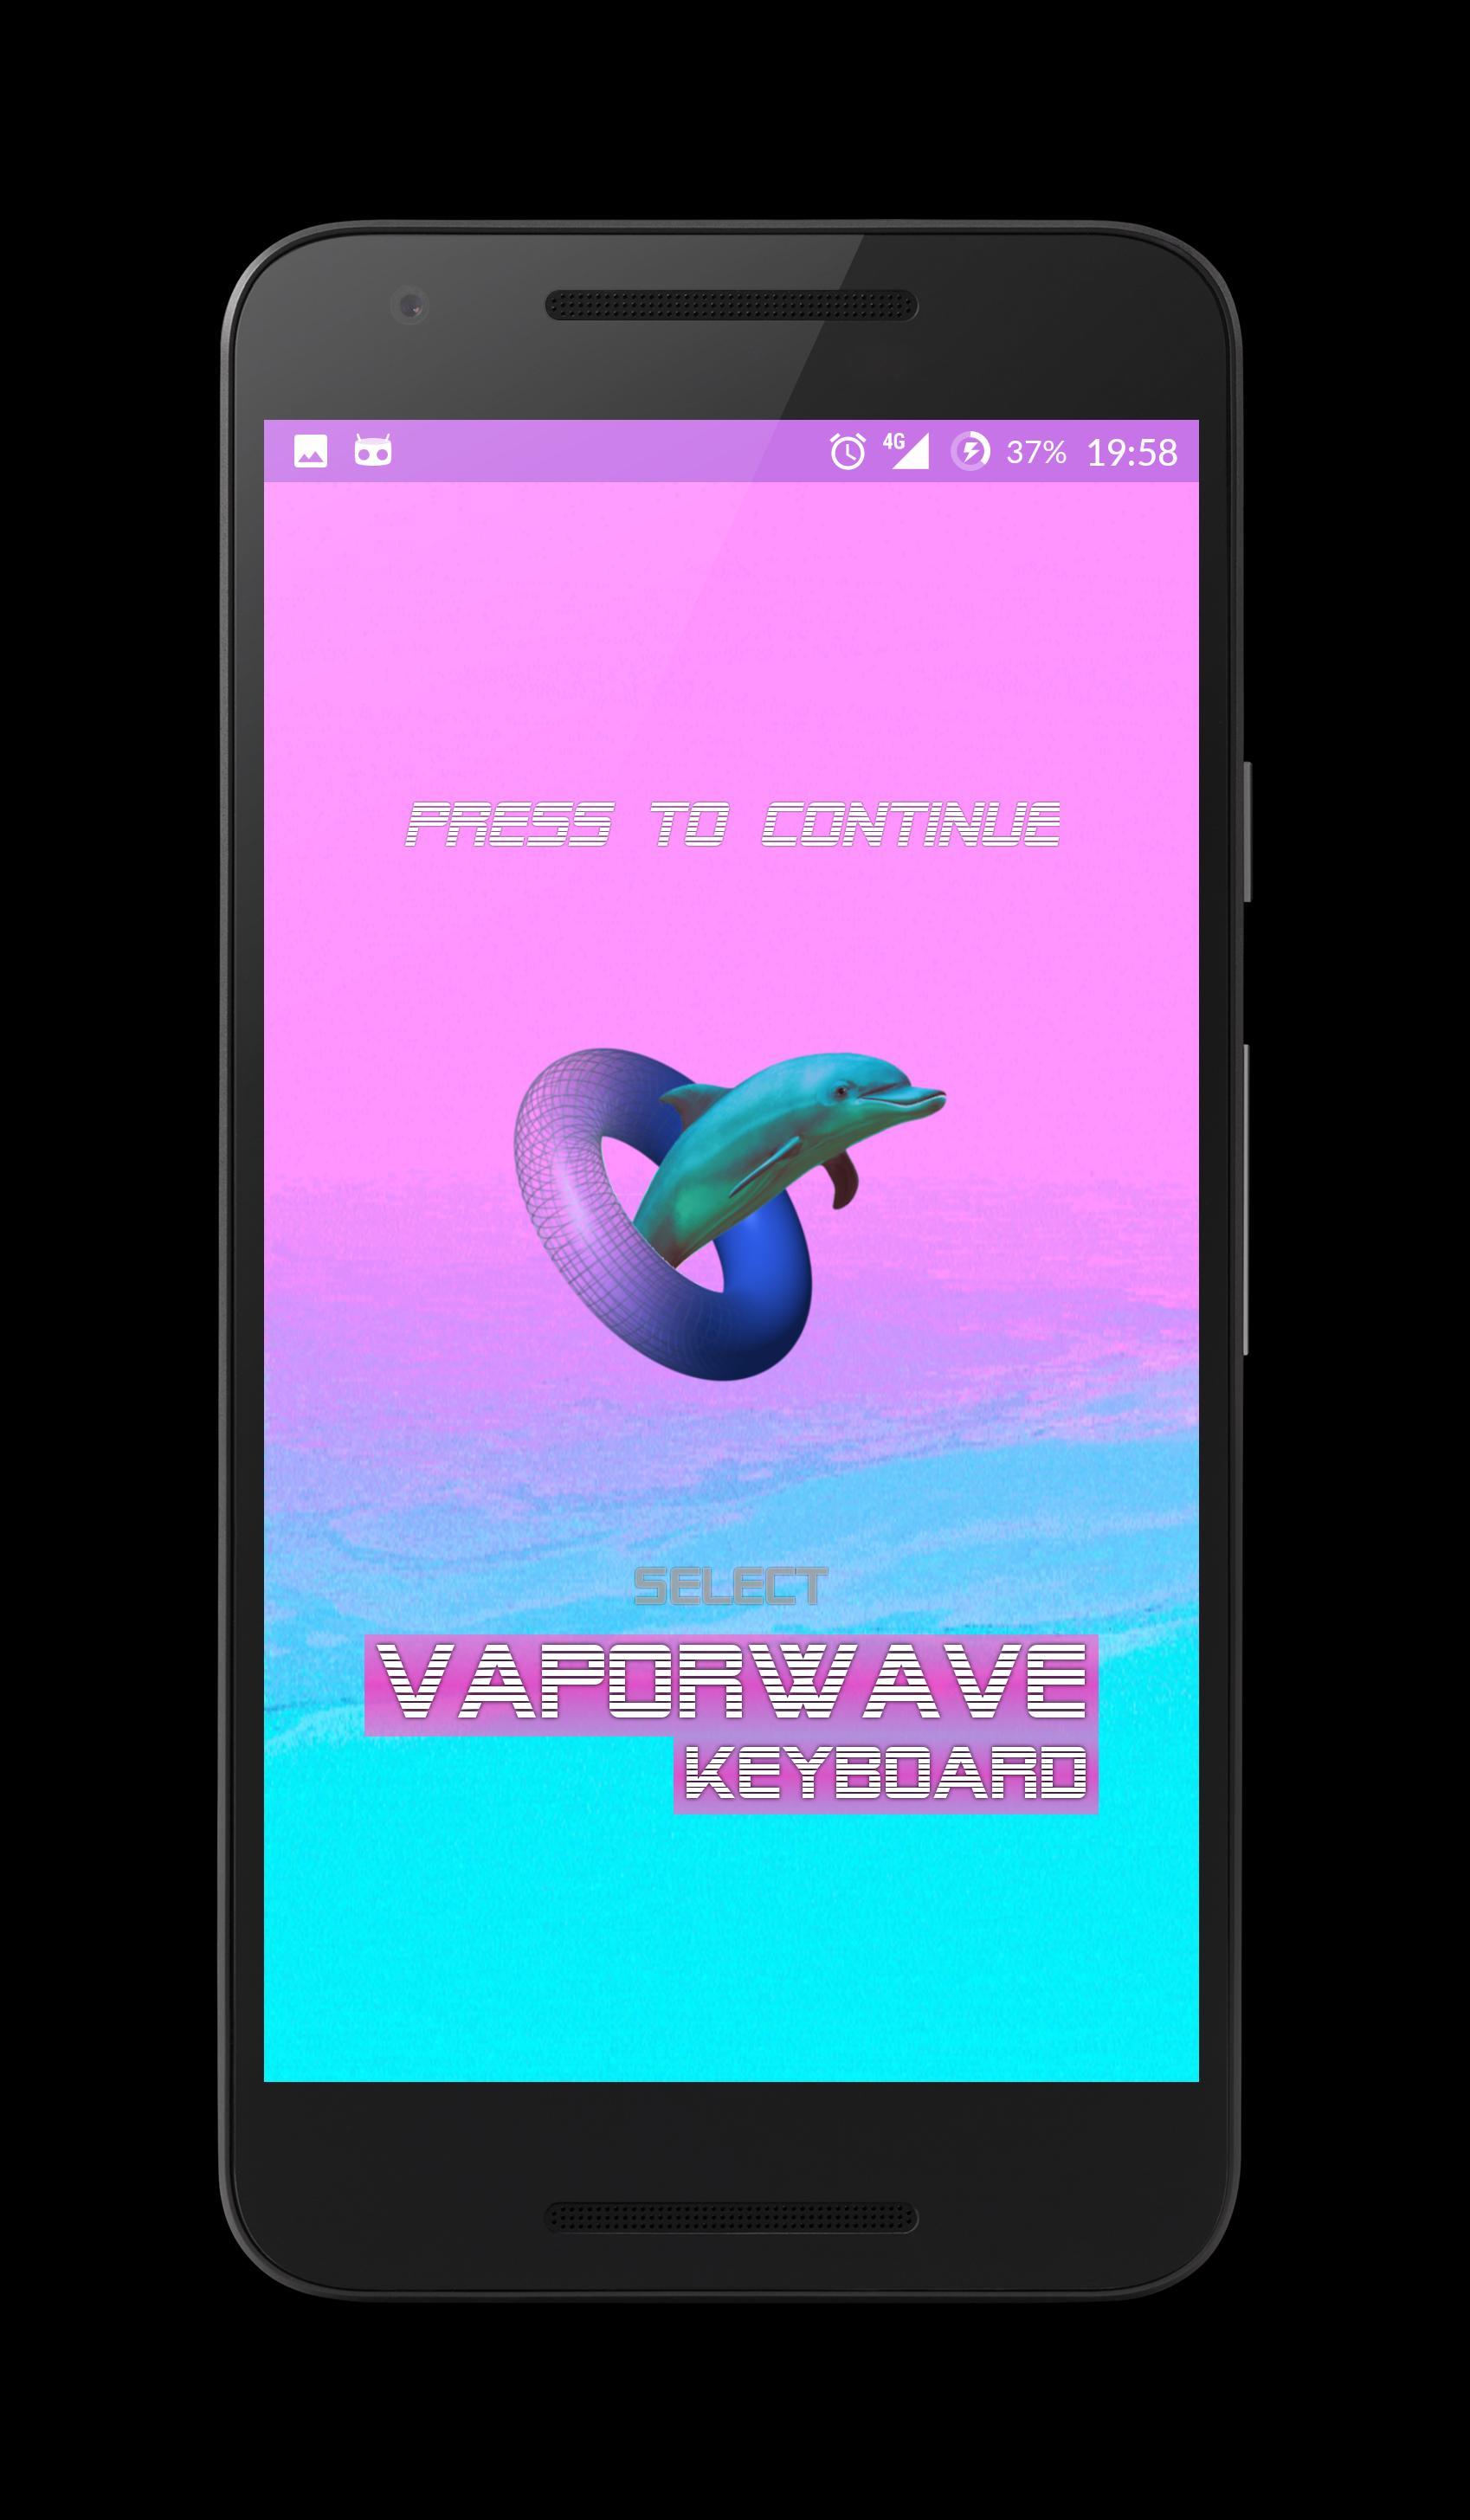 VAPORWAVE Keyboard for Android - APK Download